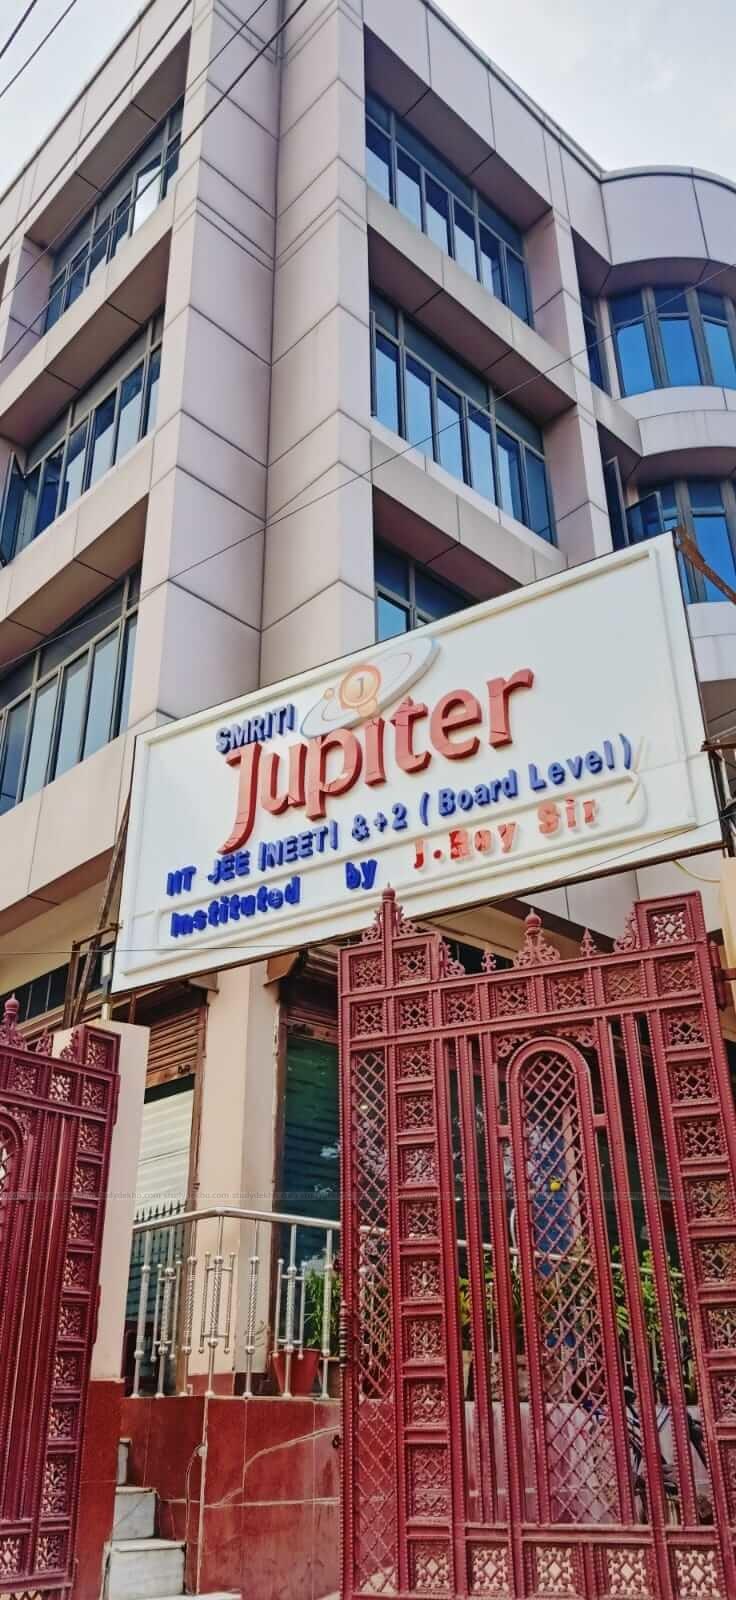 Smriti Jupiter Gallery